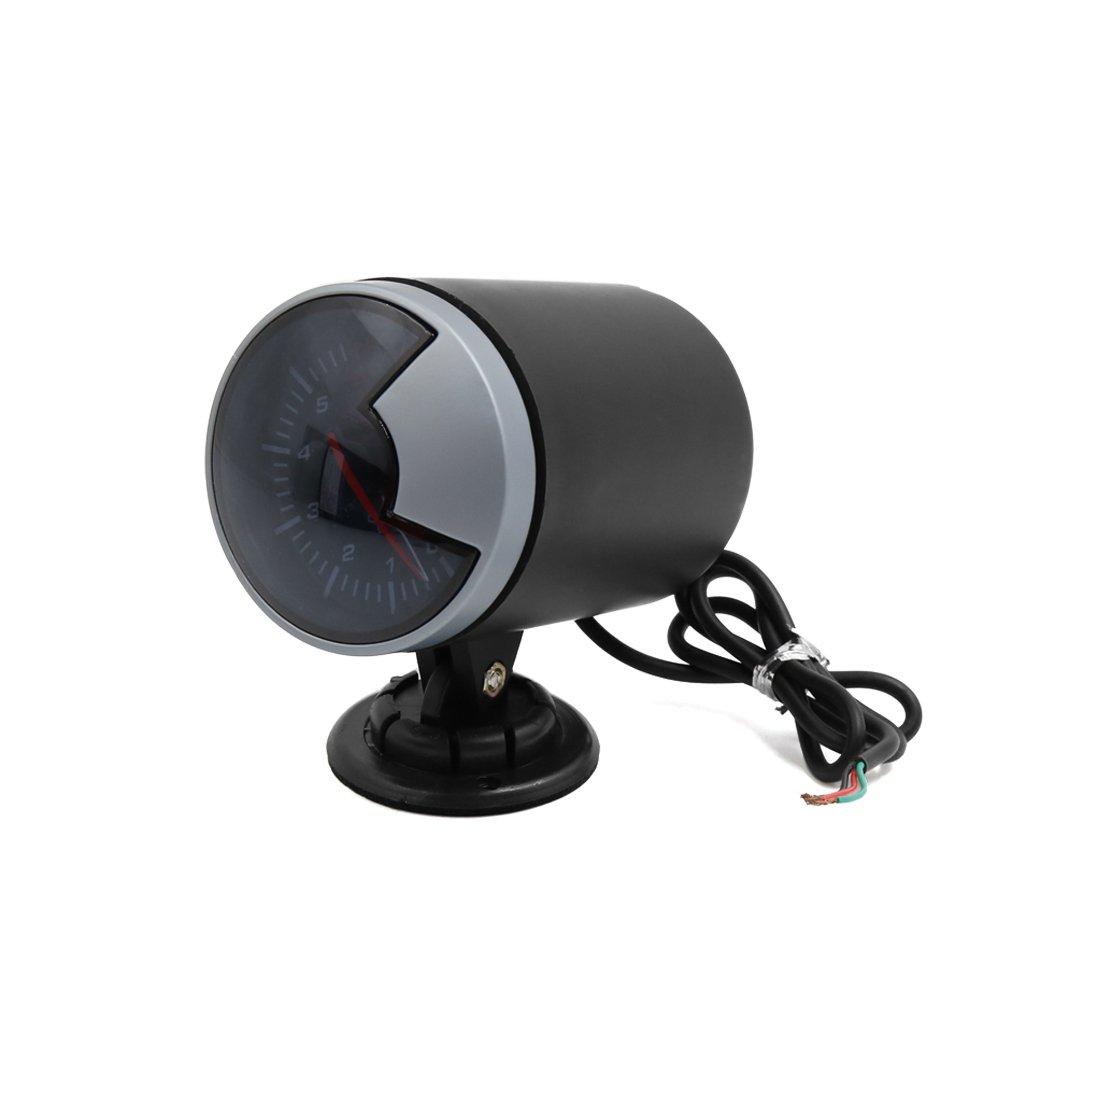 uxcell LED Dashboard Oil Pressure Gauge w Sensor Bracket Kit for Car Vehicle